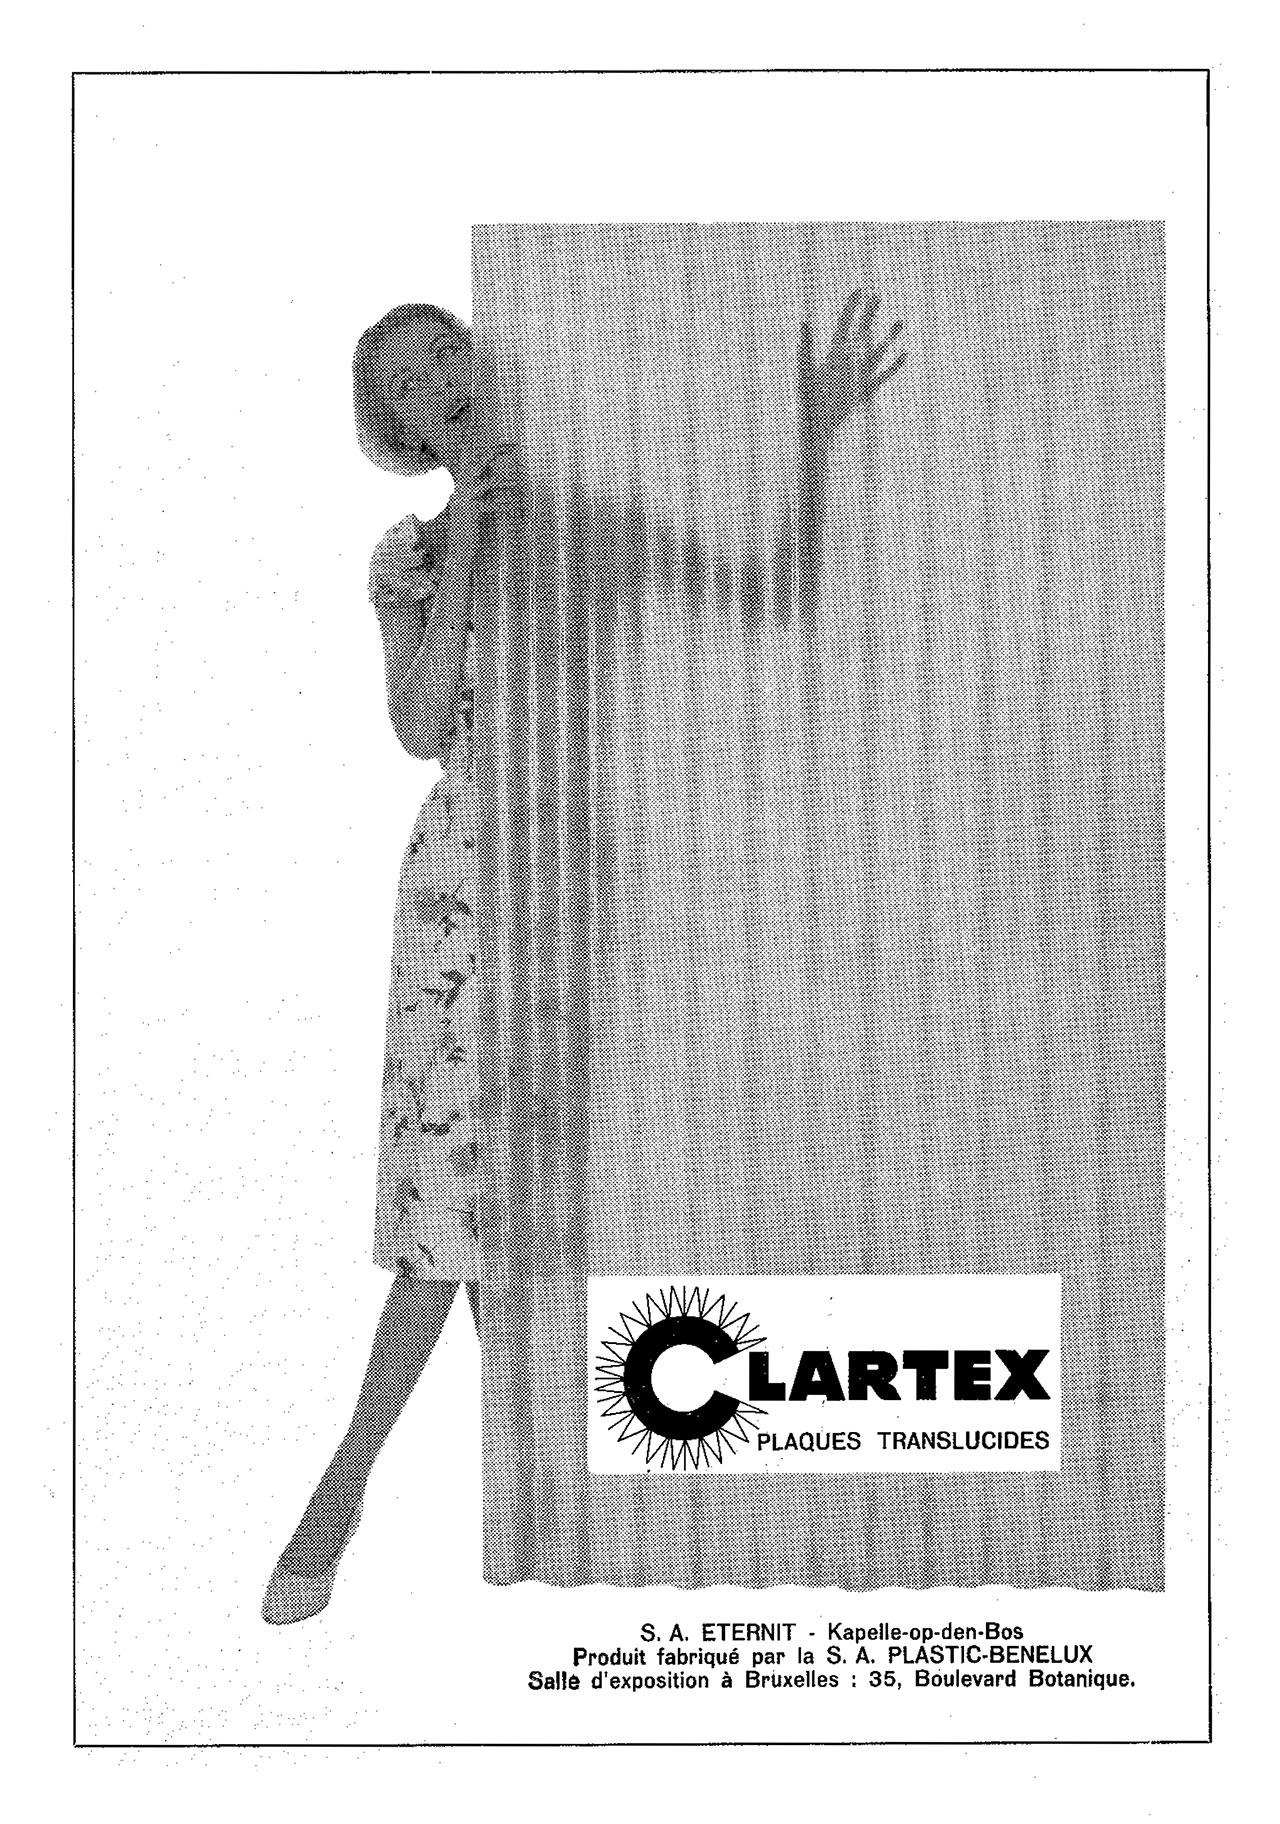 Plaques Translucides Clartex